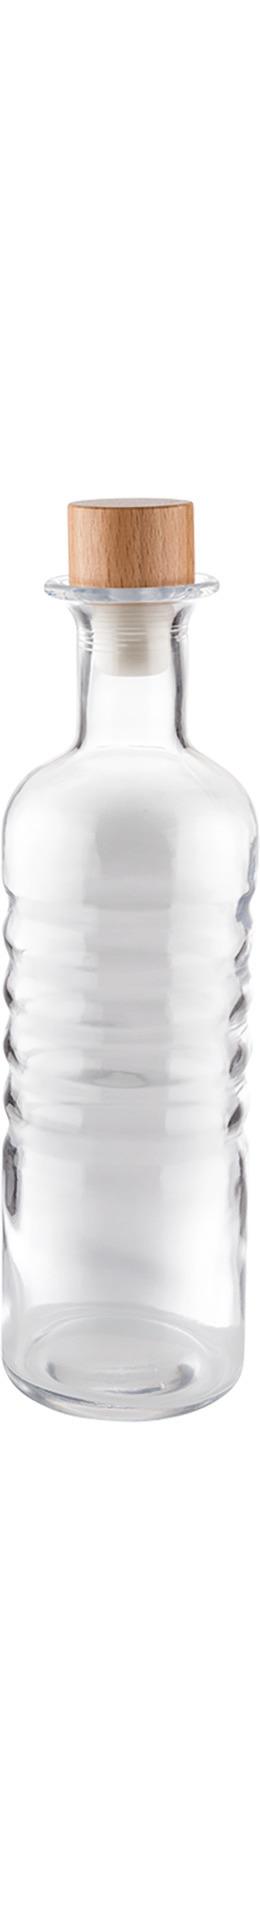 Glaskaraffe 0,80 l / 80 x 80 x 280 mm inkl. Holzkorken mit Silikondichtung